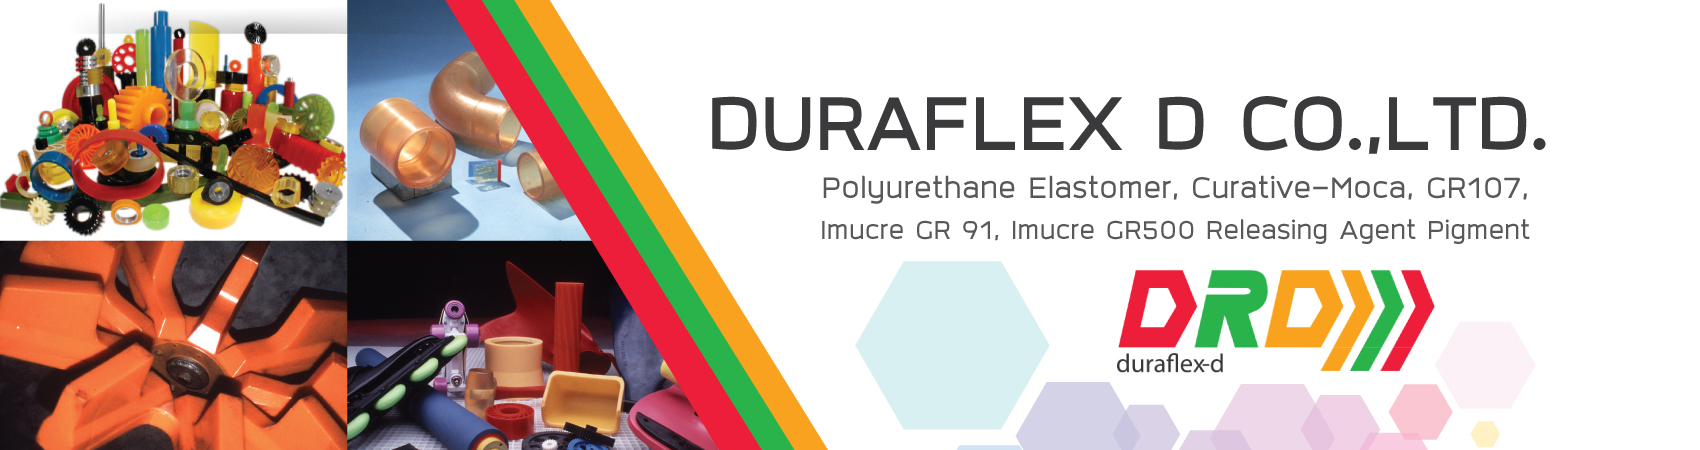 ทำไมถึงต้องเลือกน้ำยาโพลียูรีเทรนจาก Duraflex-d บทความนี้มีคำตอบมาให้คุณ